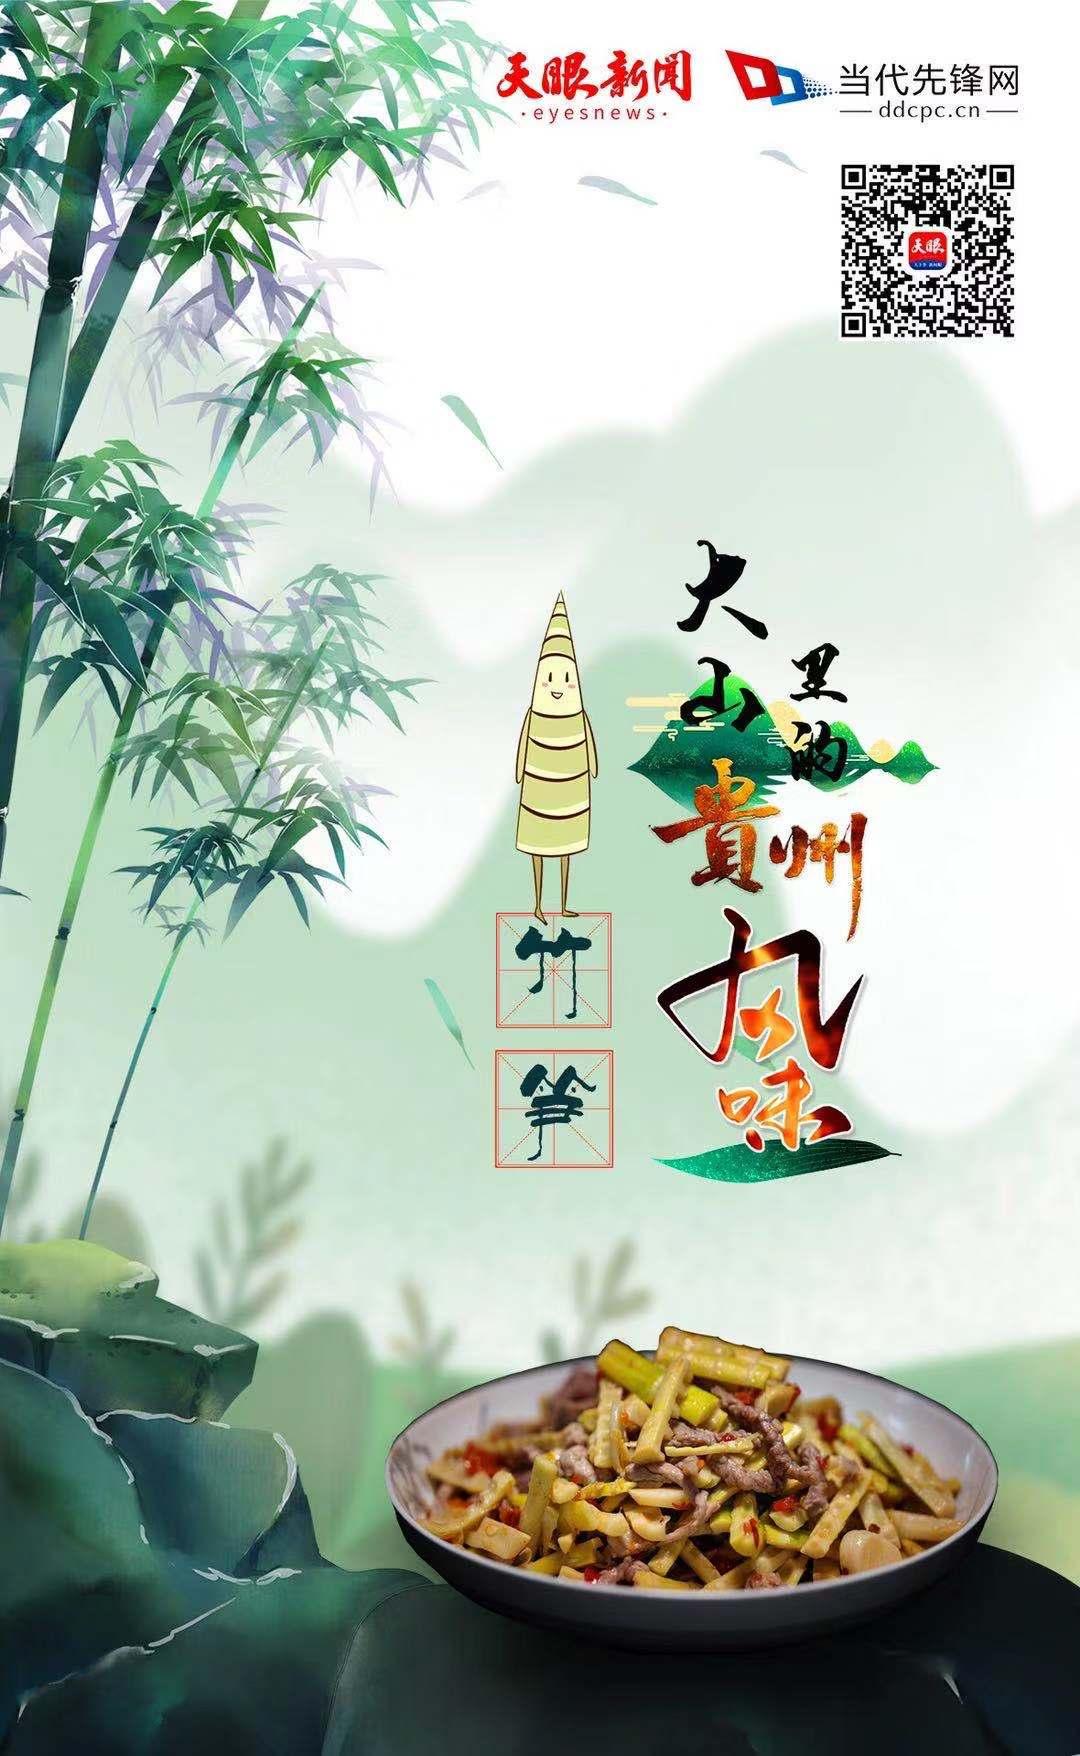 【大山里•bwin888必赢亚洲味】一笋一味:尝鲜无不道竹笋